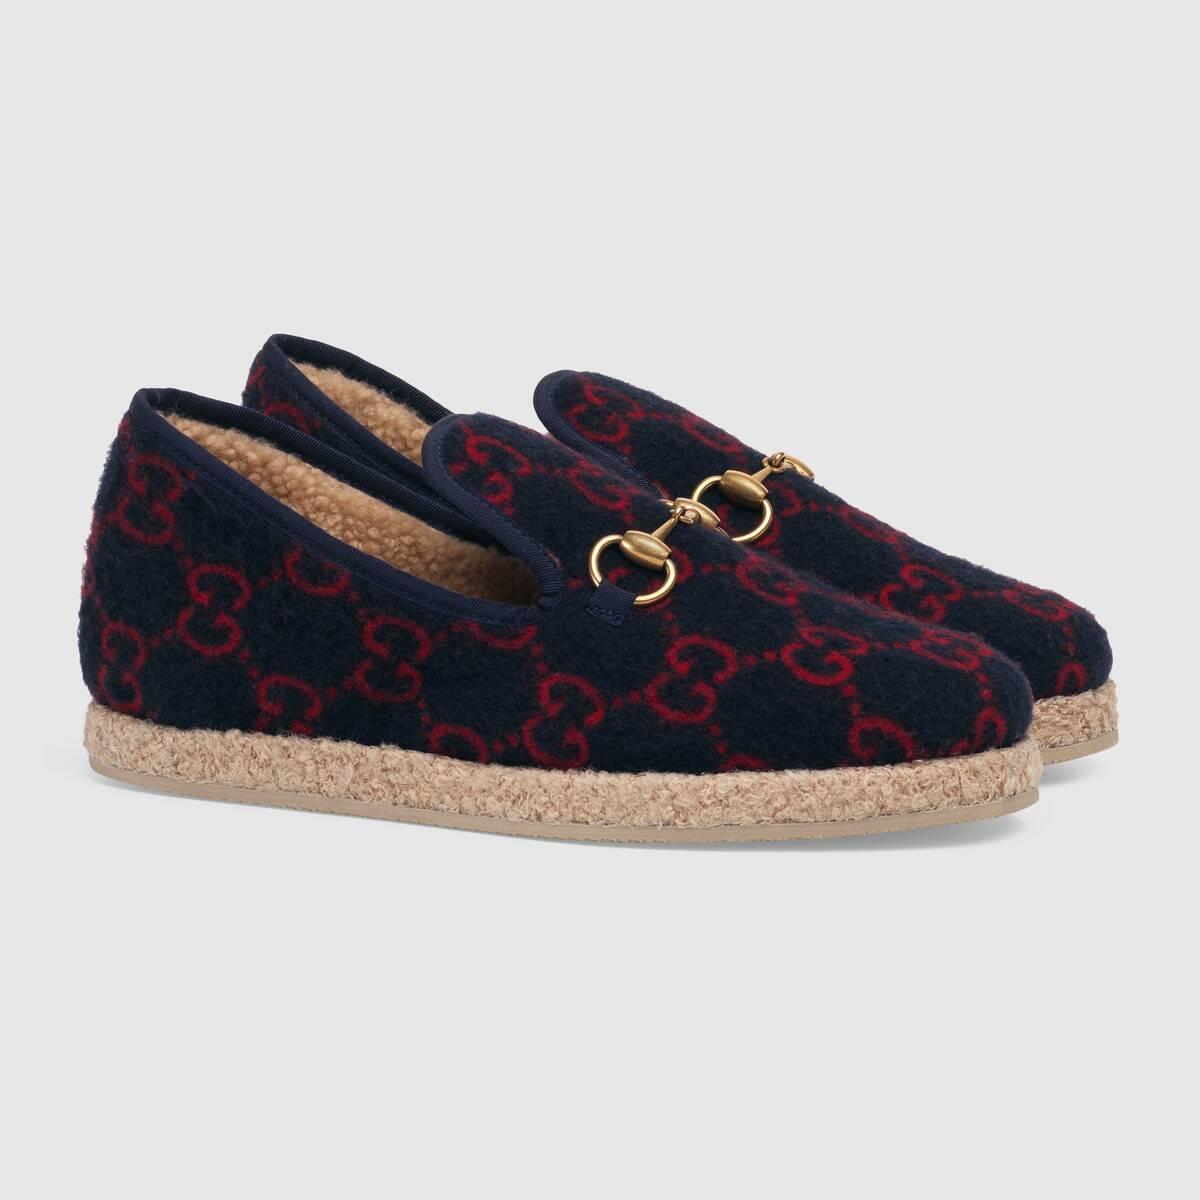 Women's GG wool loafer